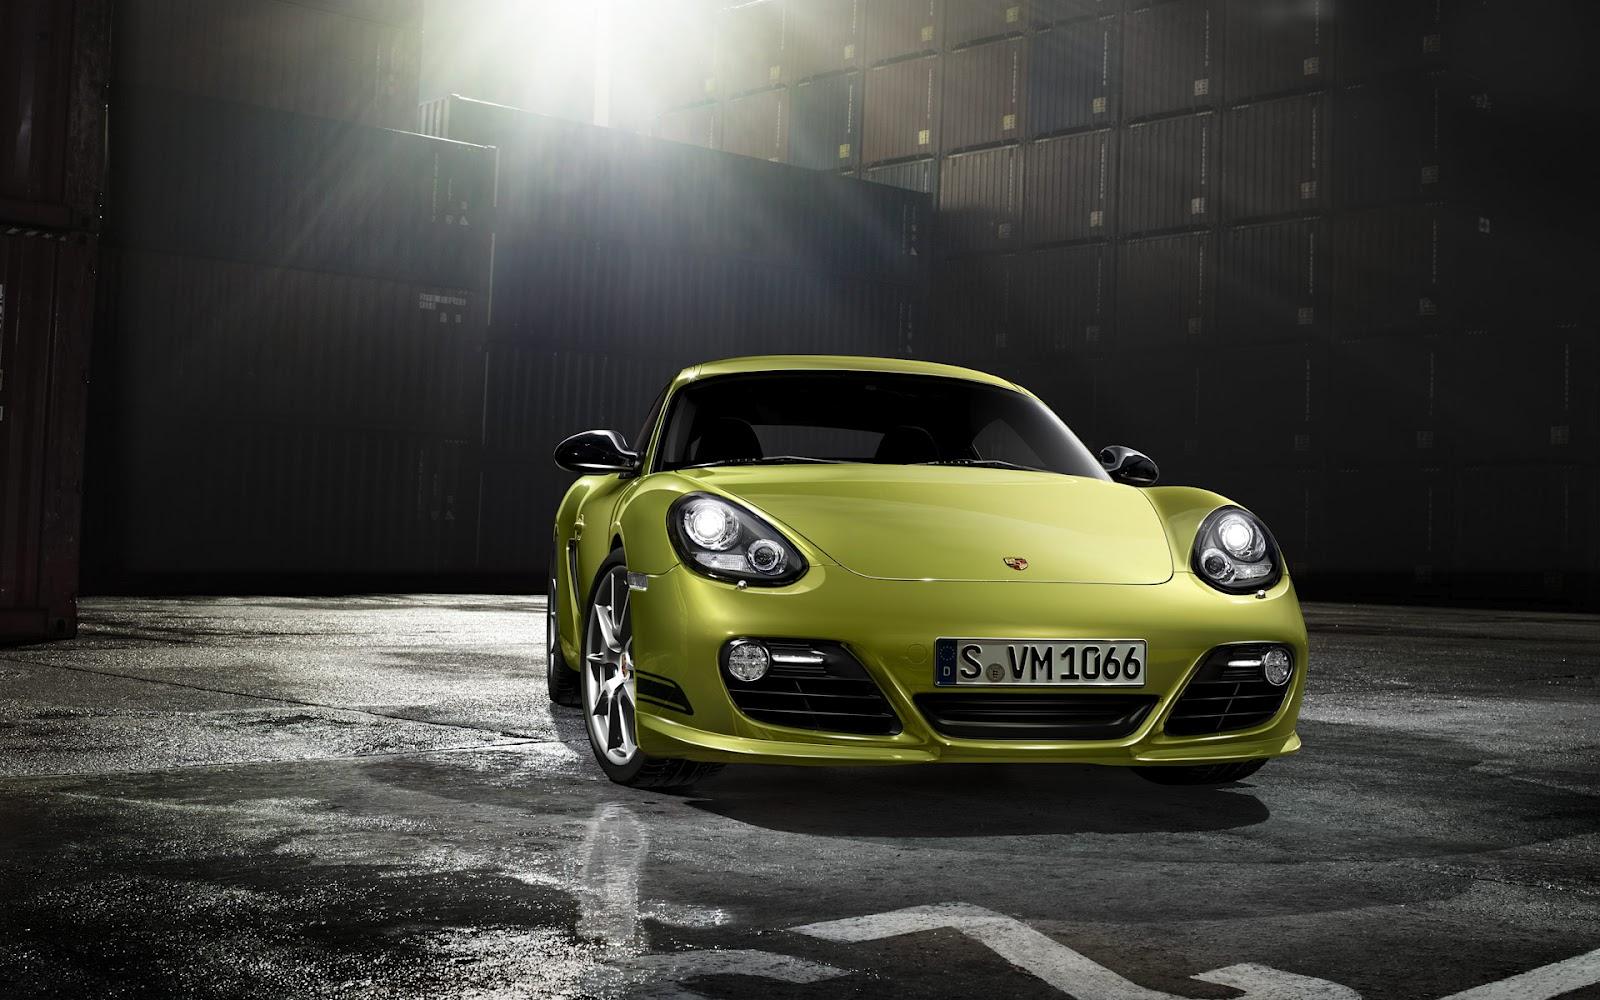 http://1.bp.blogspot.com/-R5k_g3tGRqs/UBfqGGDSvHI/AAAAAAAAAmw/Vp-4RuevO-A/s1600/wallpaper-Porsche+Cayman+R+Exterior7.jpg